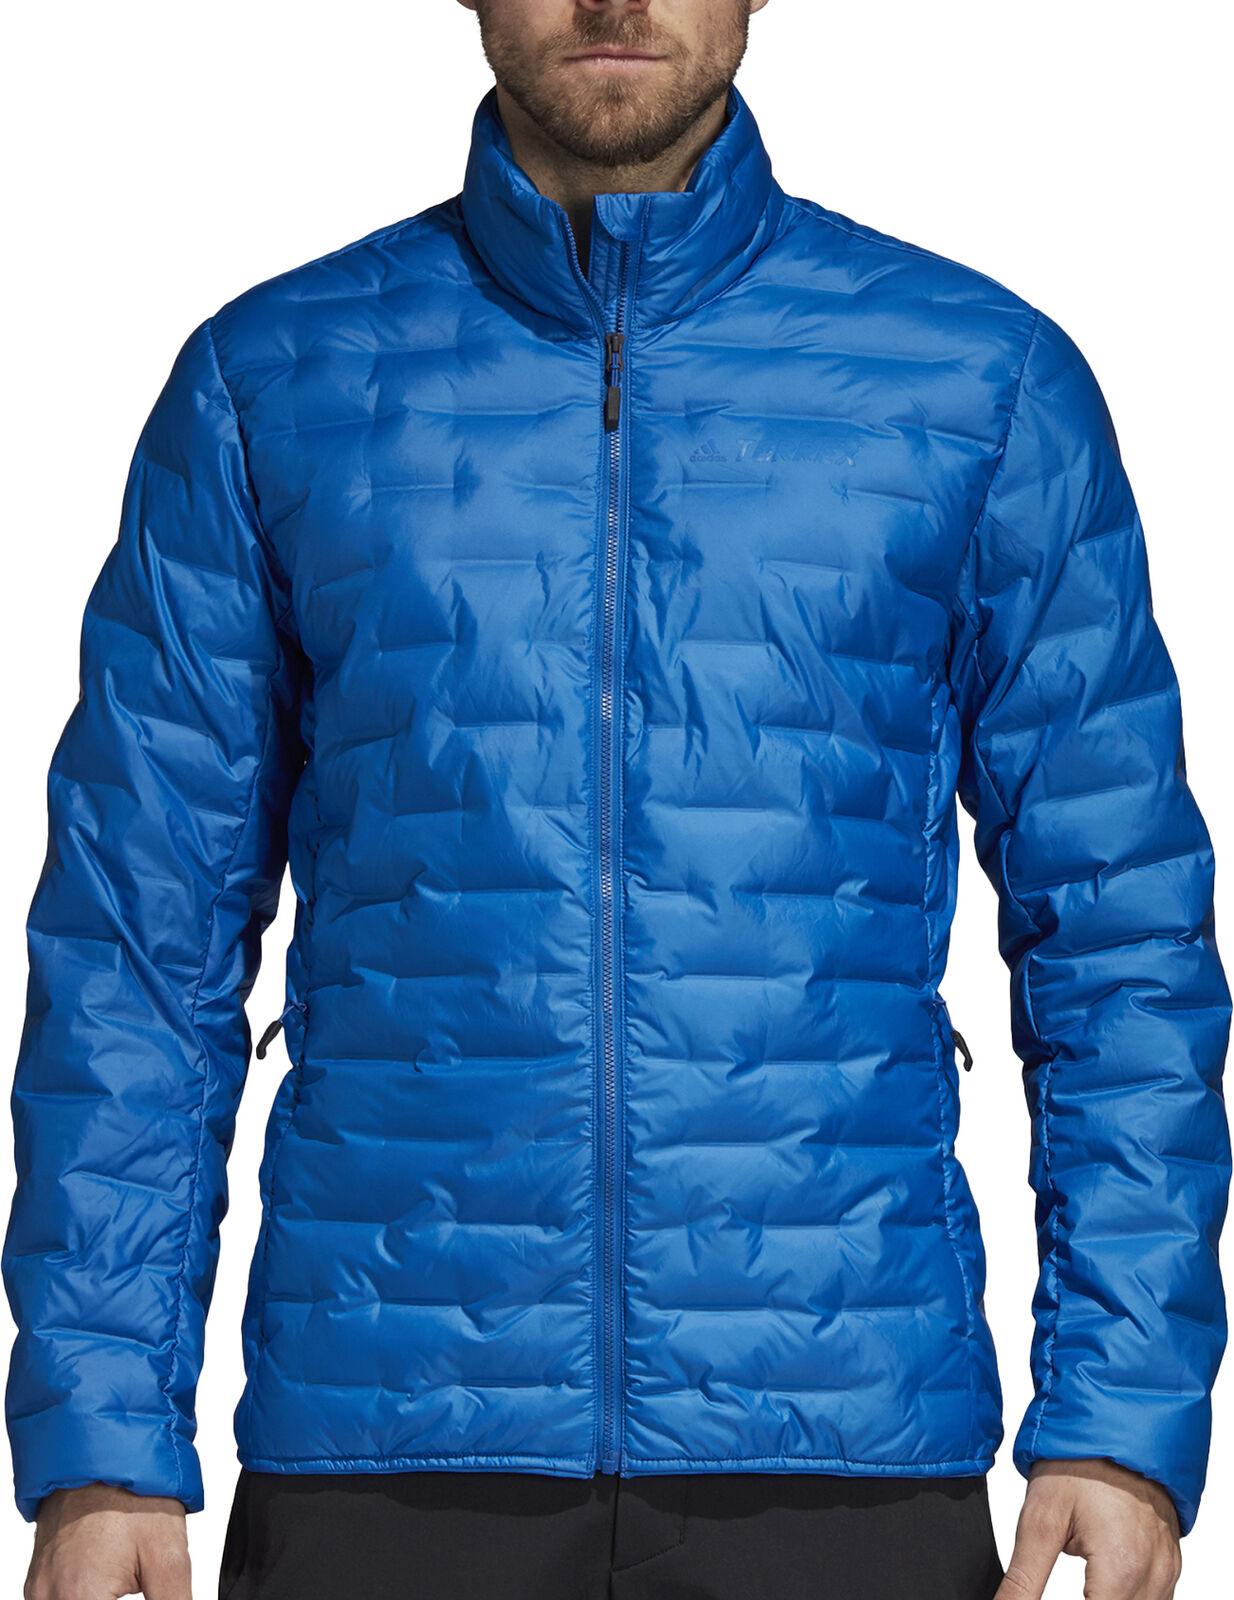 Adidas Terrex  light De los hombres Down Jacket-azul  Web oficial